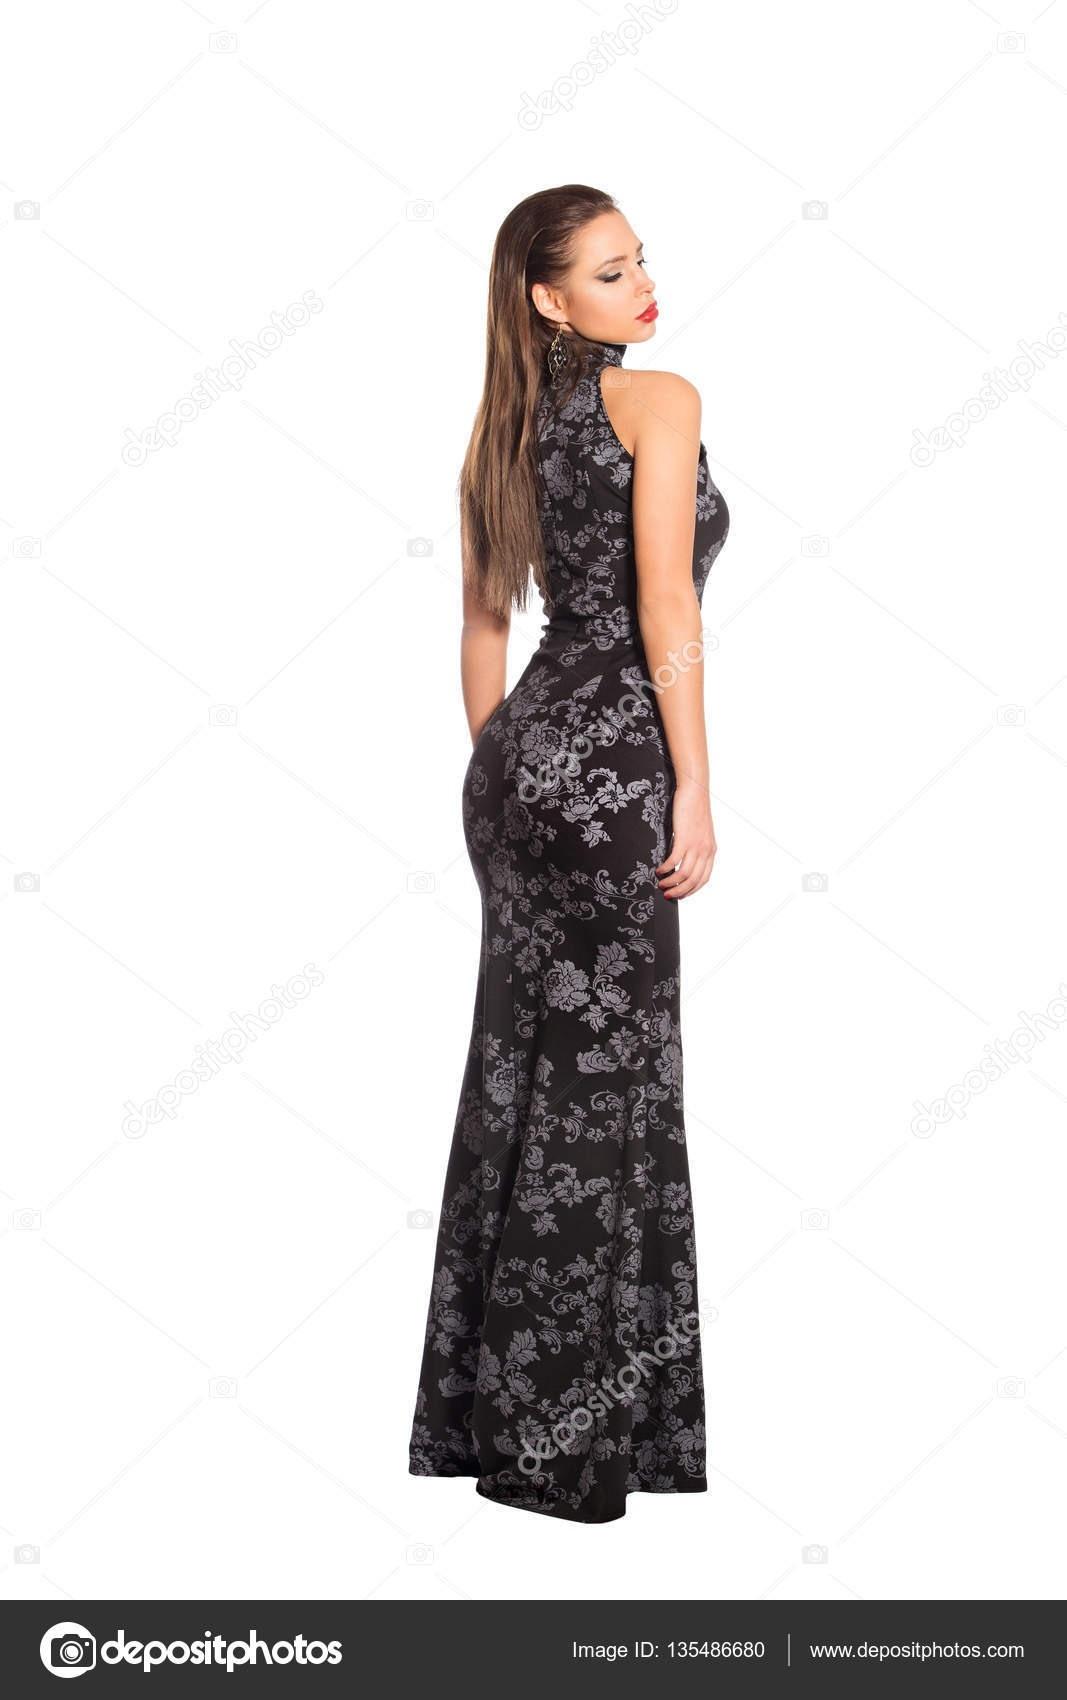 Formal Wunderbar Schöne Kleider Für Junge Frauen Vertrieb20 Einfach Schöne Kleider Für Junge Frauen Vertrieb